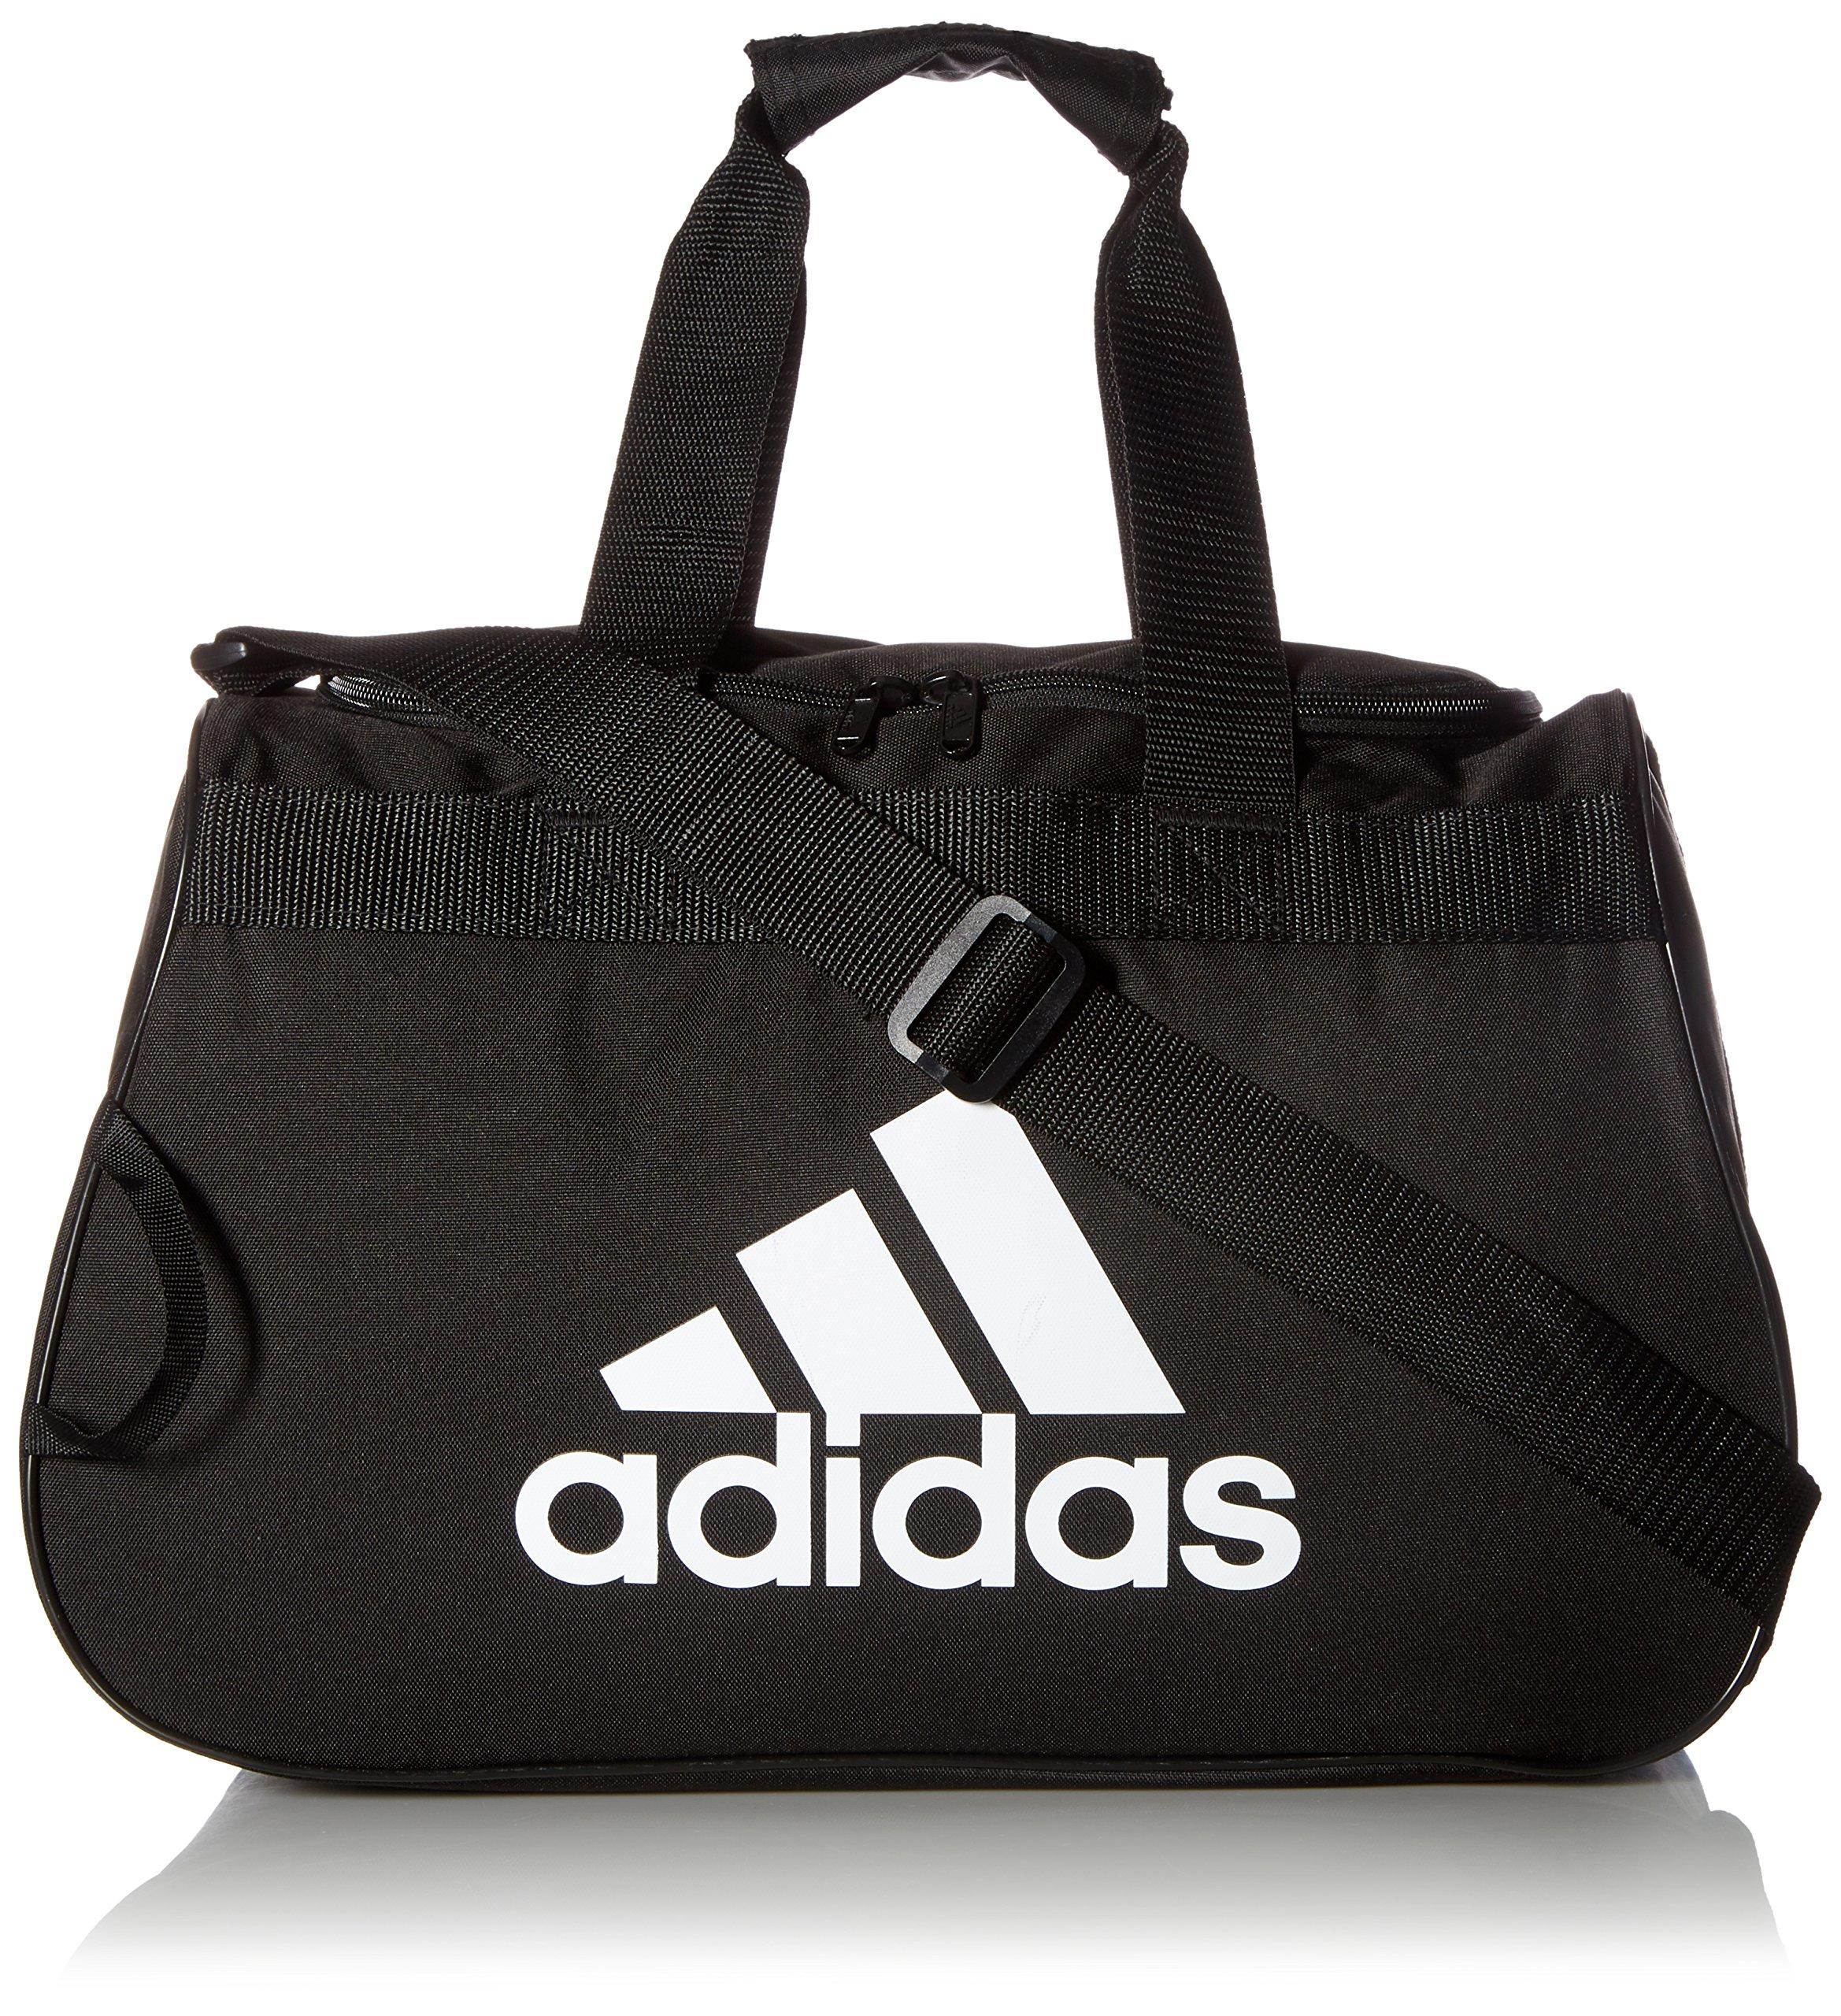 adidas Diablo Duffel Bag by adidas